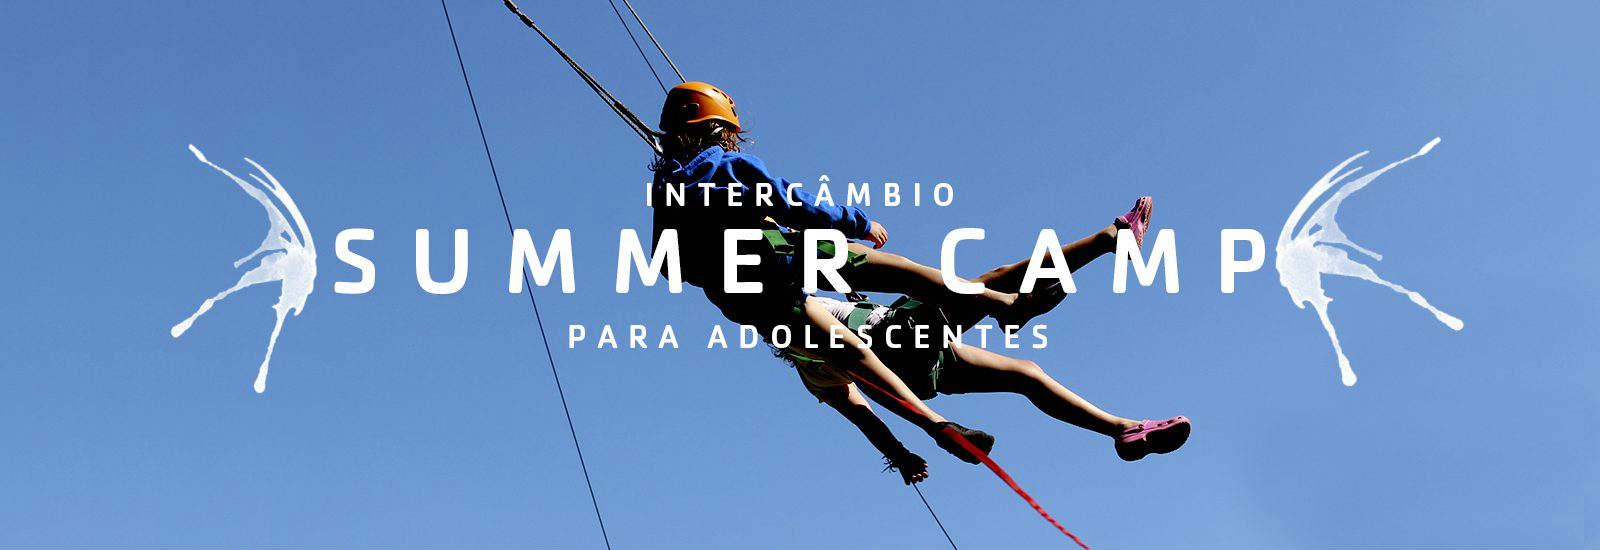 banner summer camp intercambio USA acampamento verao aventura jovens Belo horizonte Ed - Camp Counselor (YCCP)